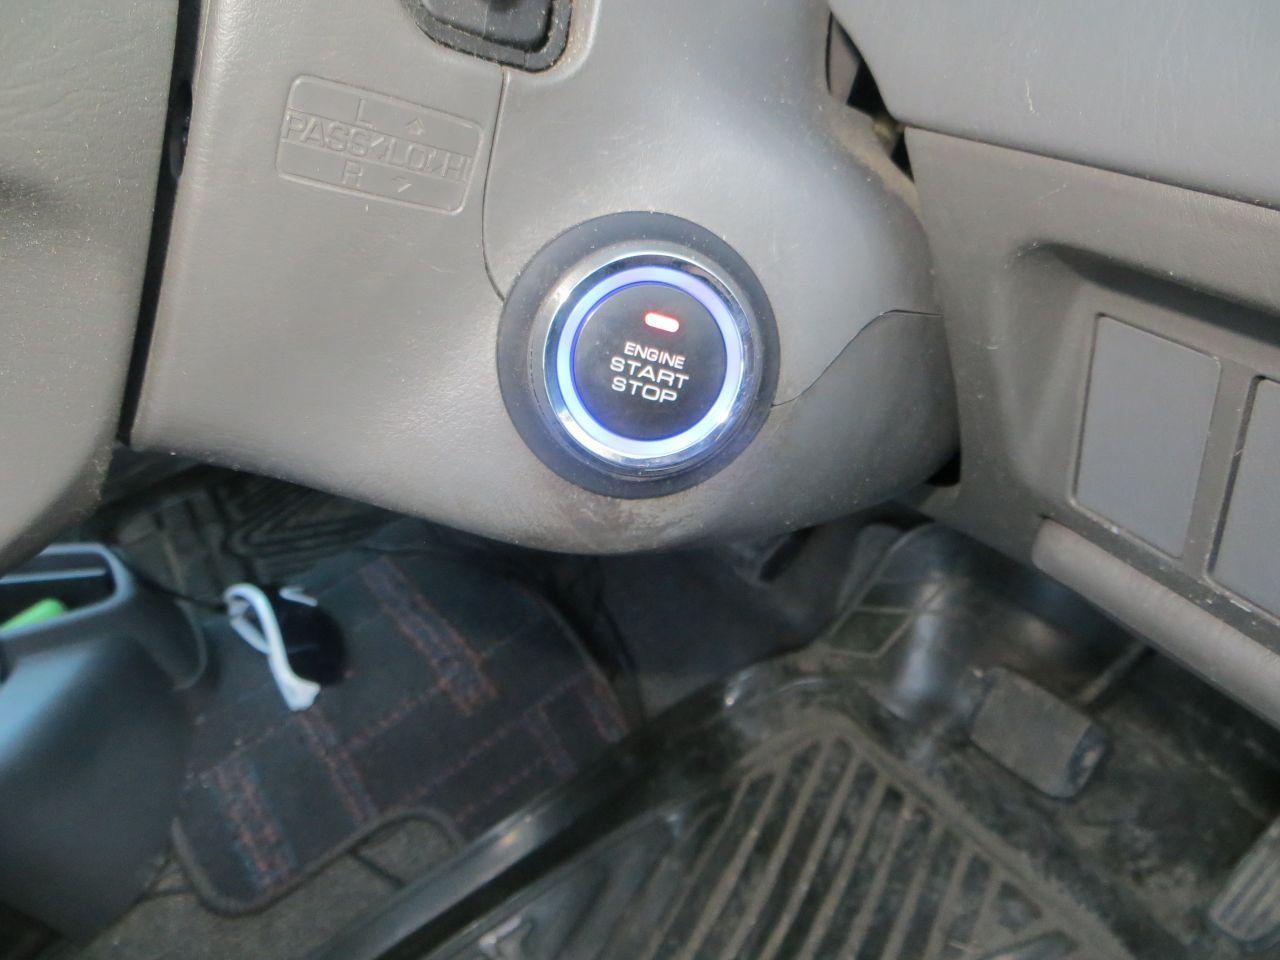 Удобно, красиво, не правда ли? Те кто видит, удивляется, что машина 99 года, а уже с кнопкой.